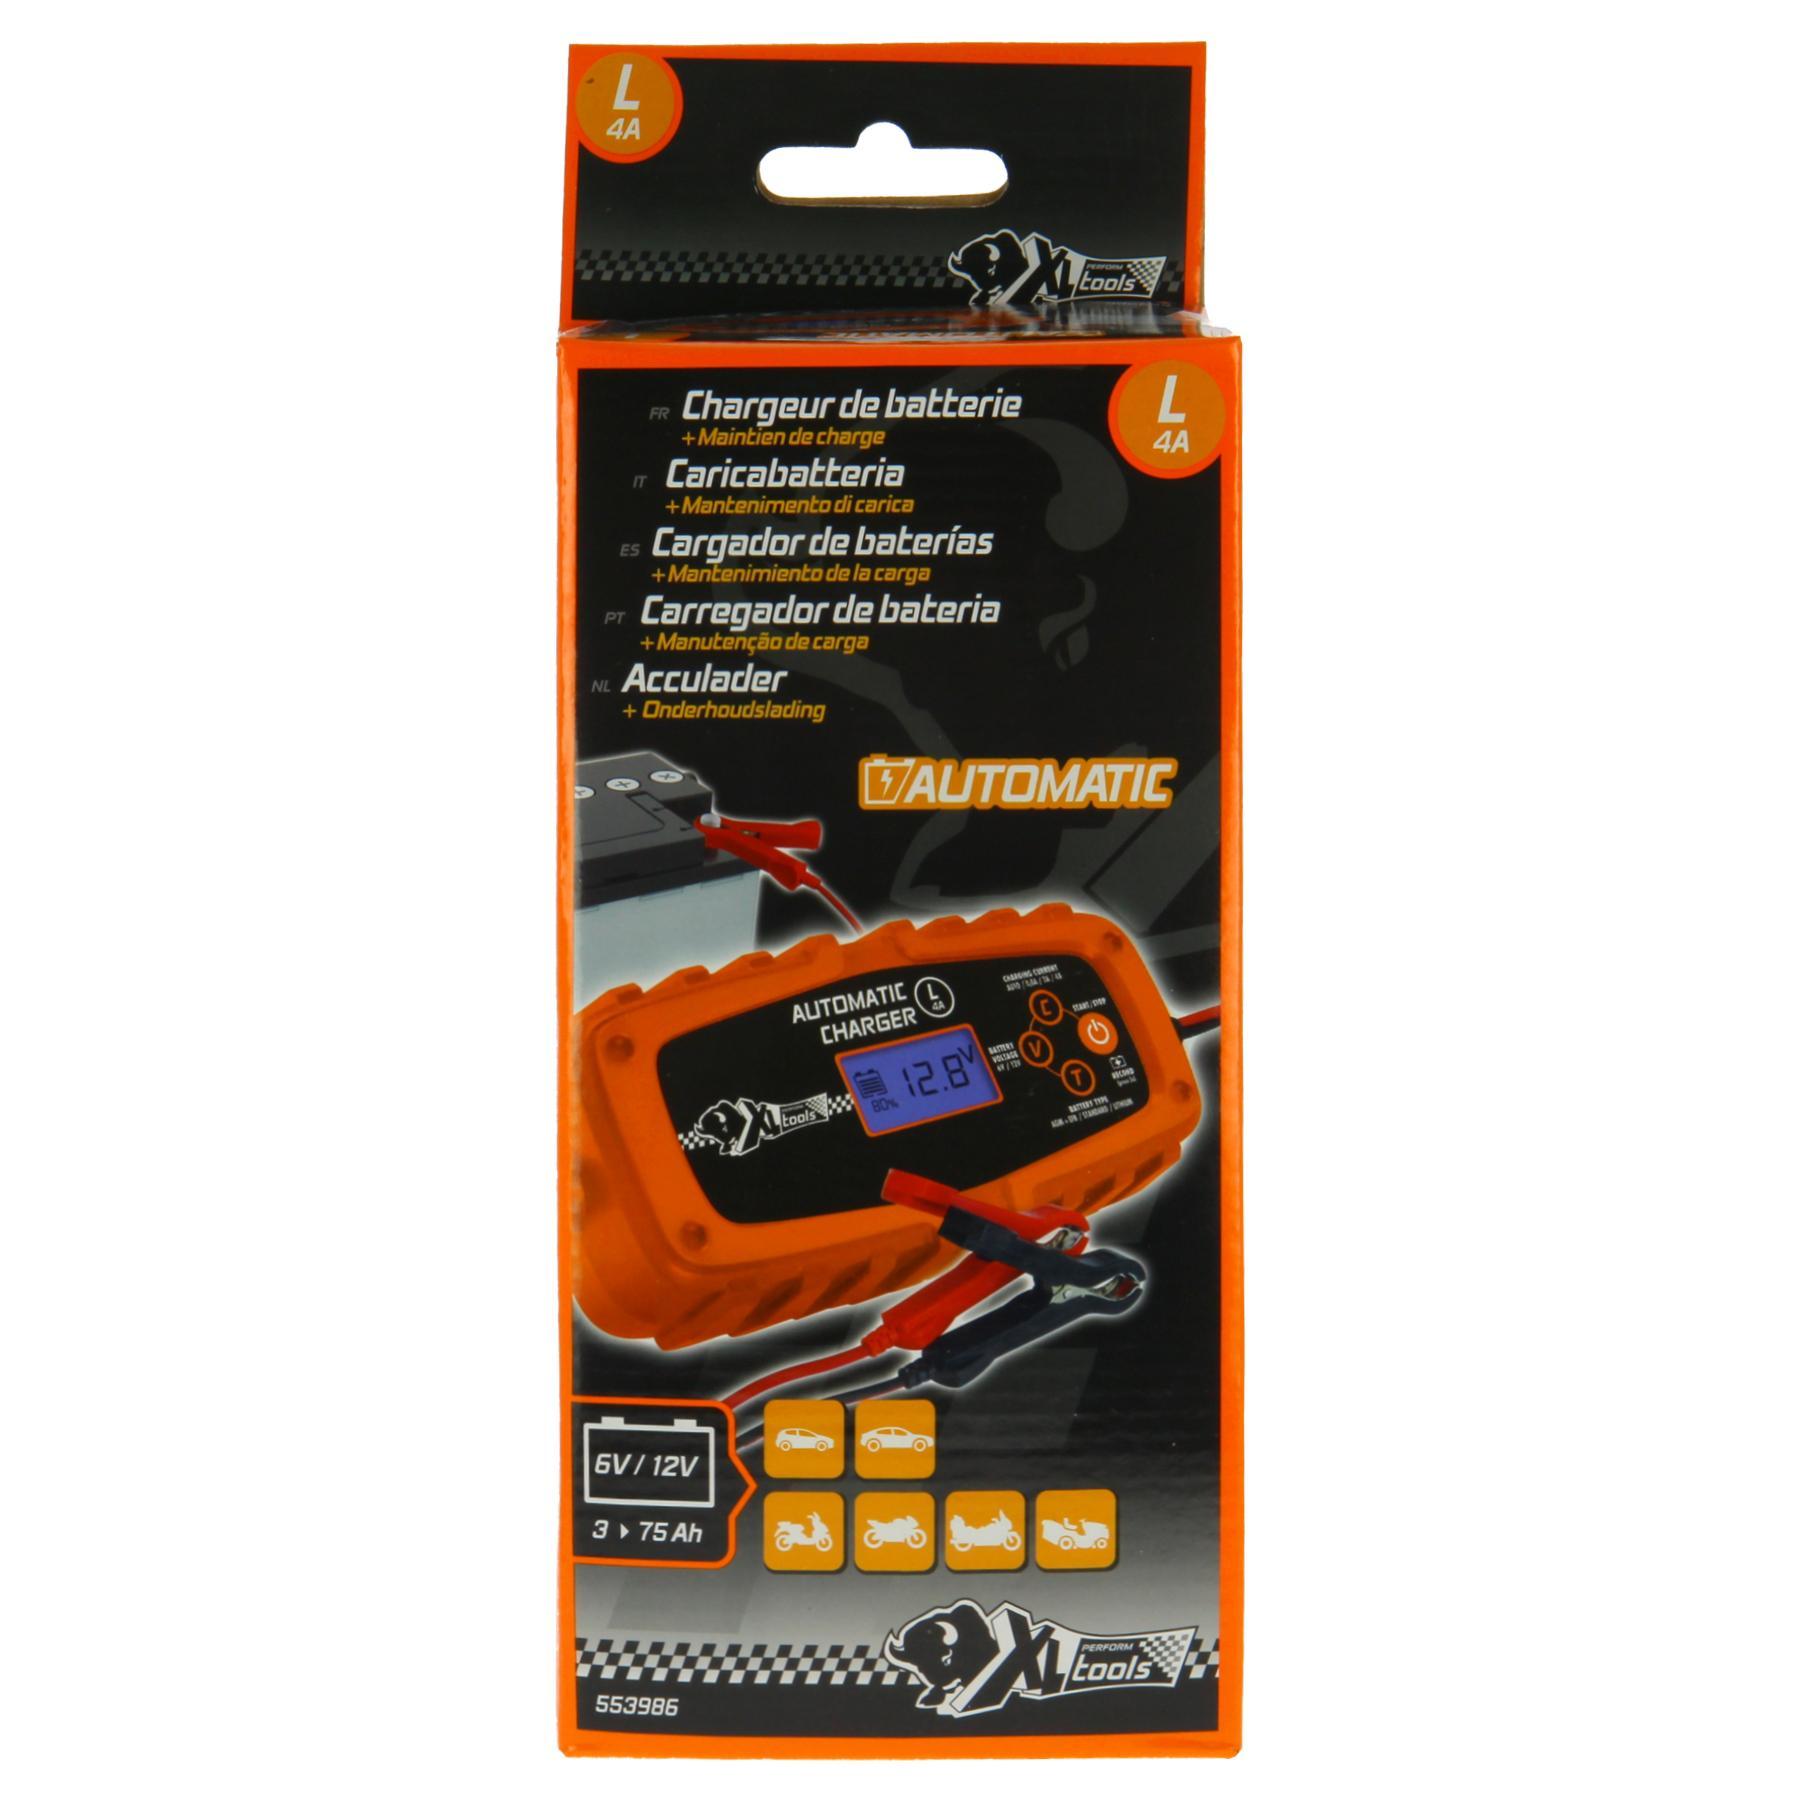 Chargeur de batterie XL 553986 3221325539861